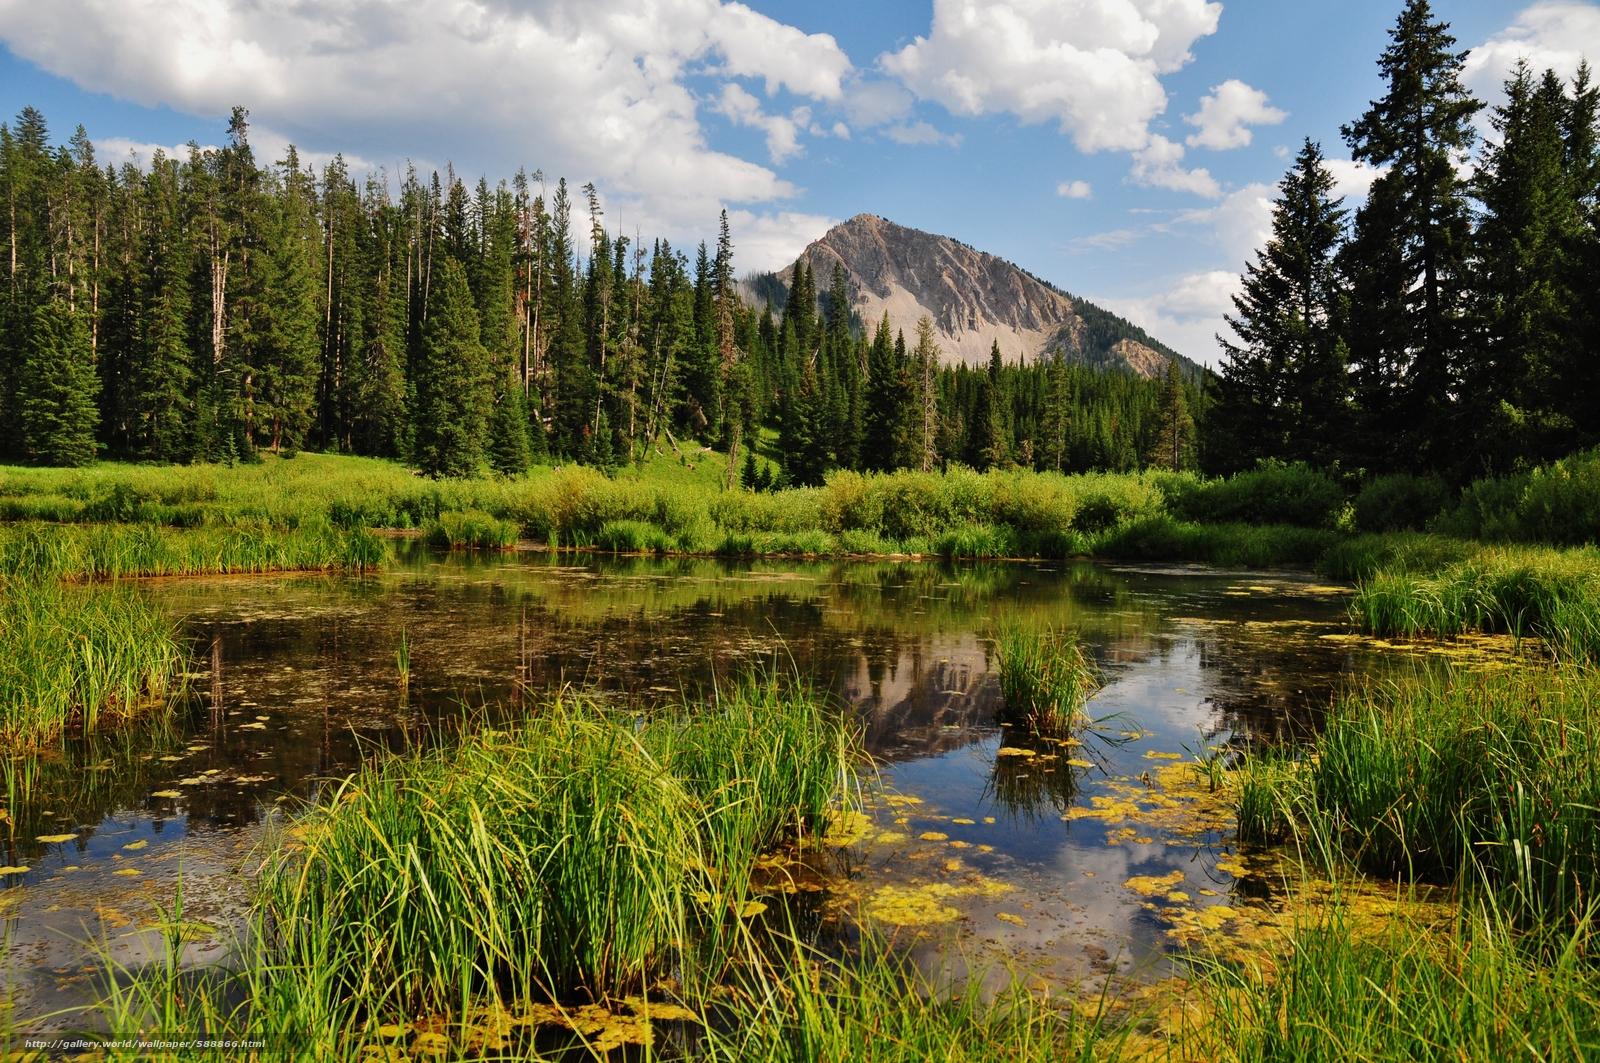 Fondo Escritorio Bonitas Montañas Nevadas: Descargar Gratis Montañas, Bosque, Pantano, Paisaje